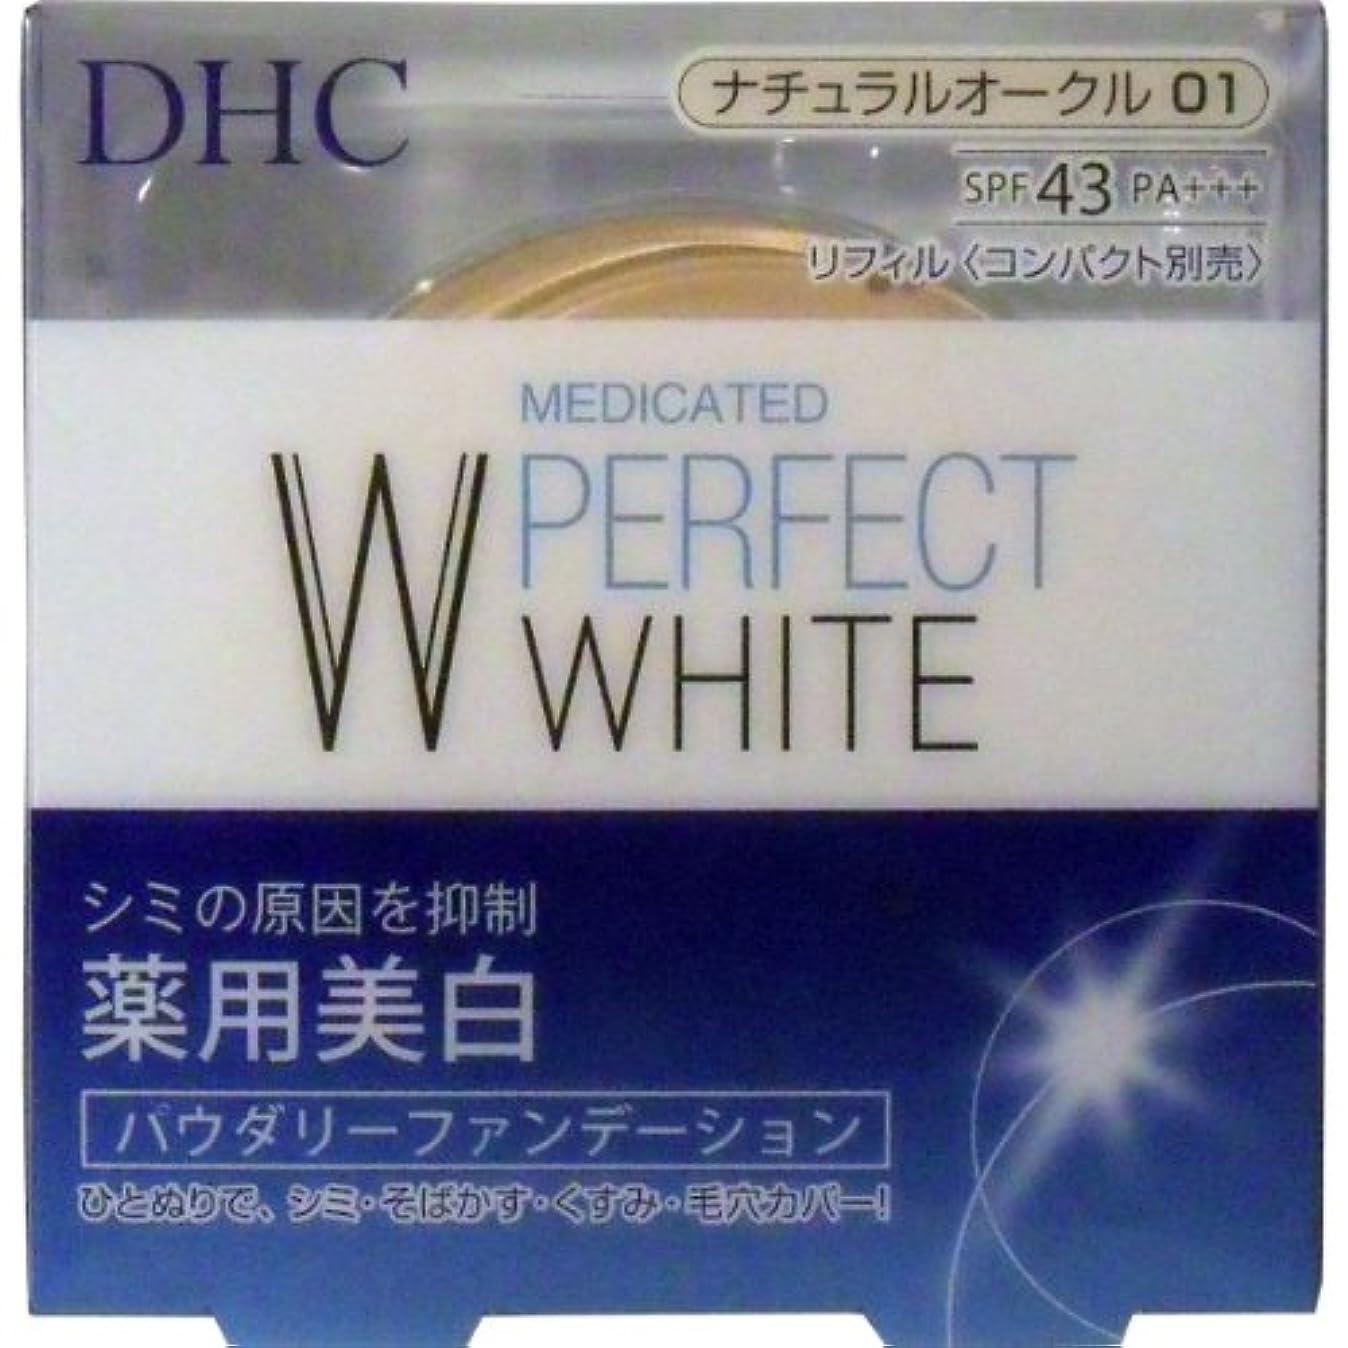 家庭教師出血慣習DHC 薬用美白パーフェクトホワイト パウダリーファンデーション ナチュラルオークル01 10g